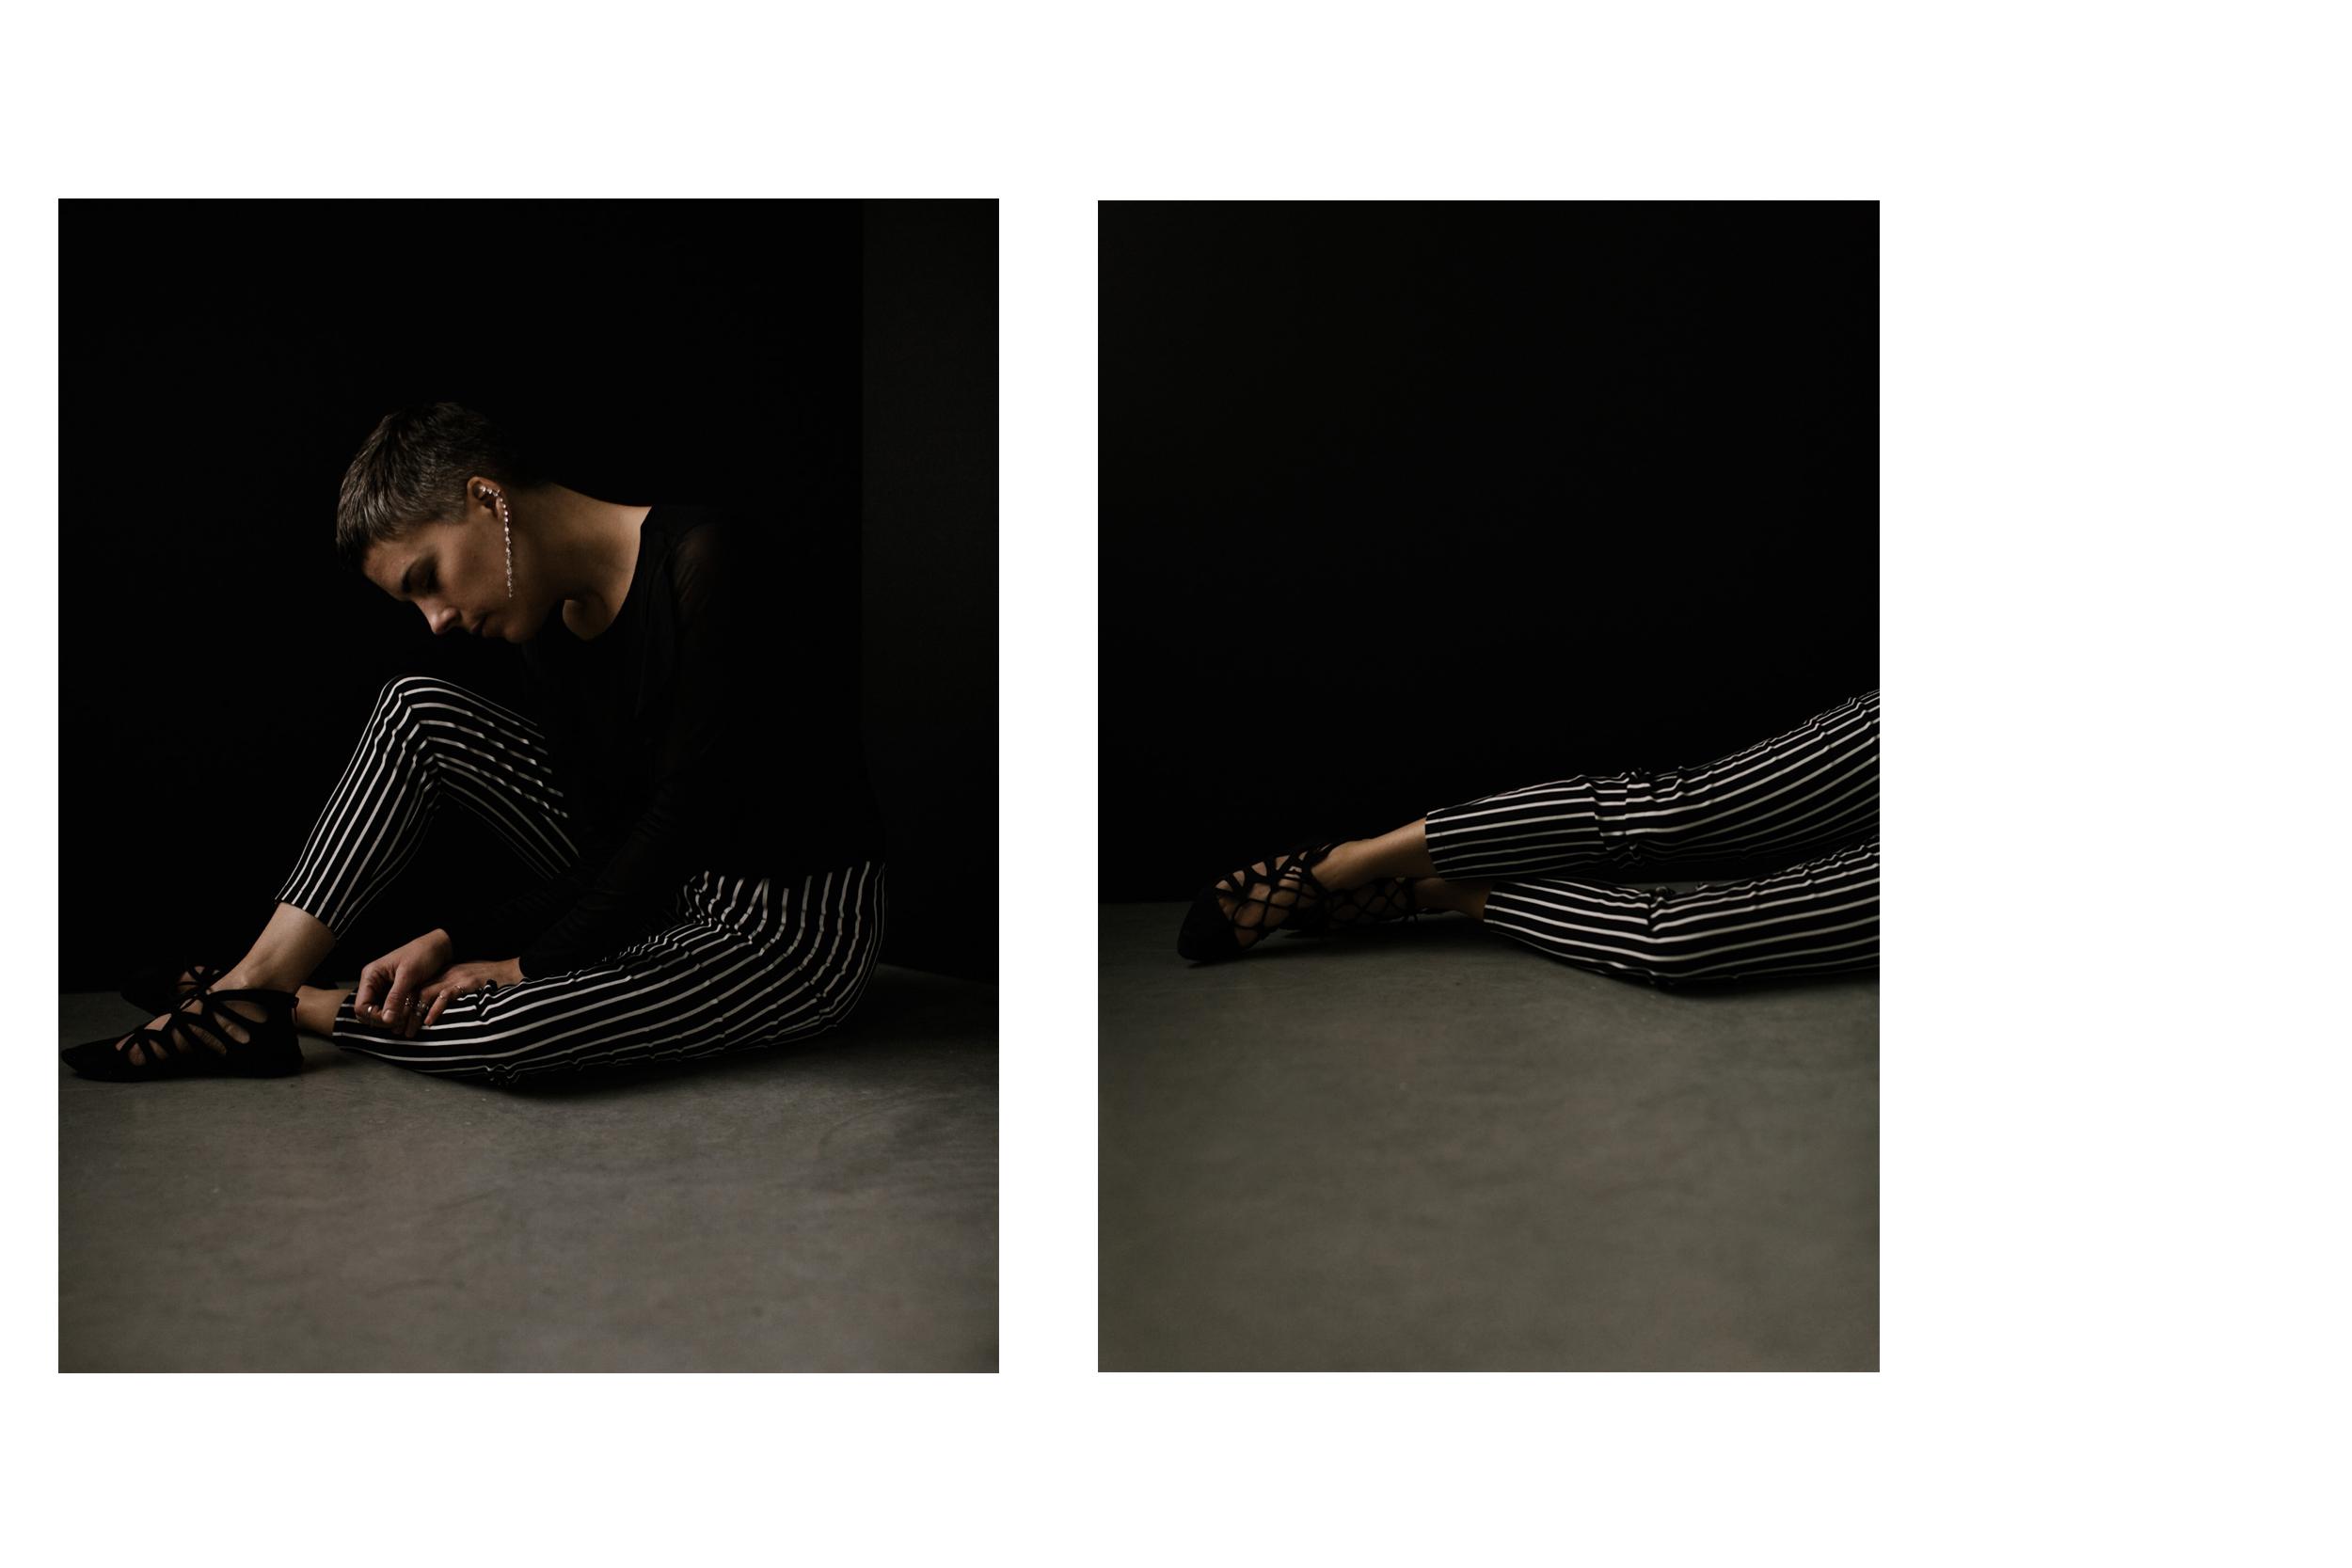 vancouver-portrait-photographer-17.jpg